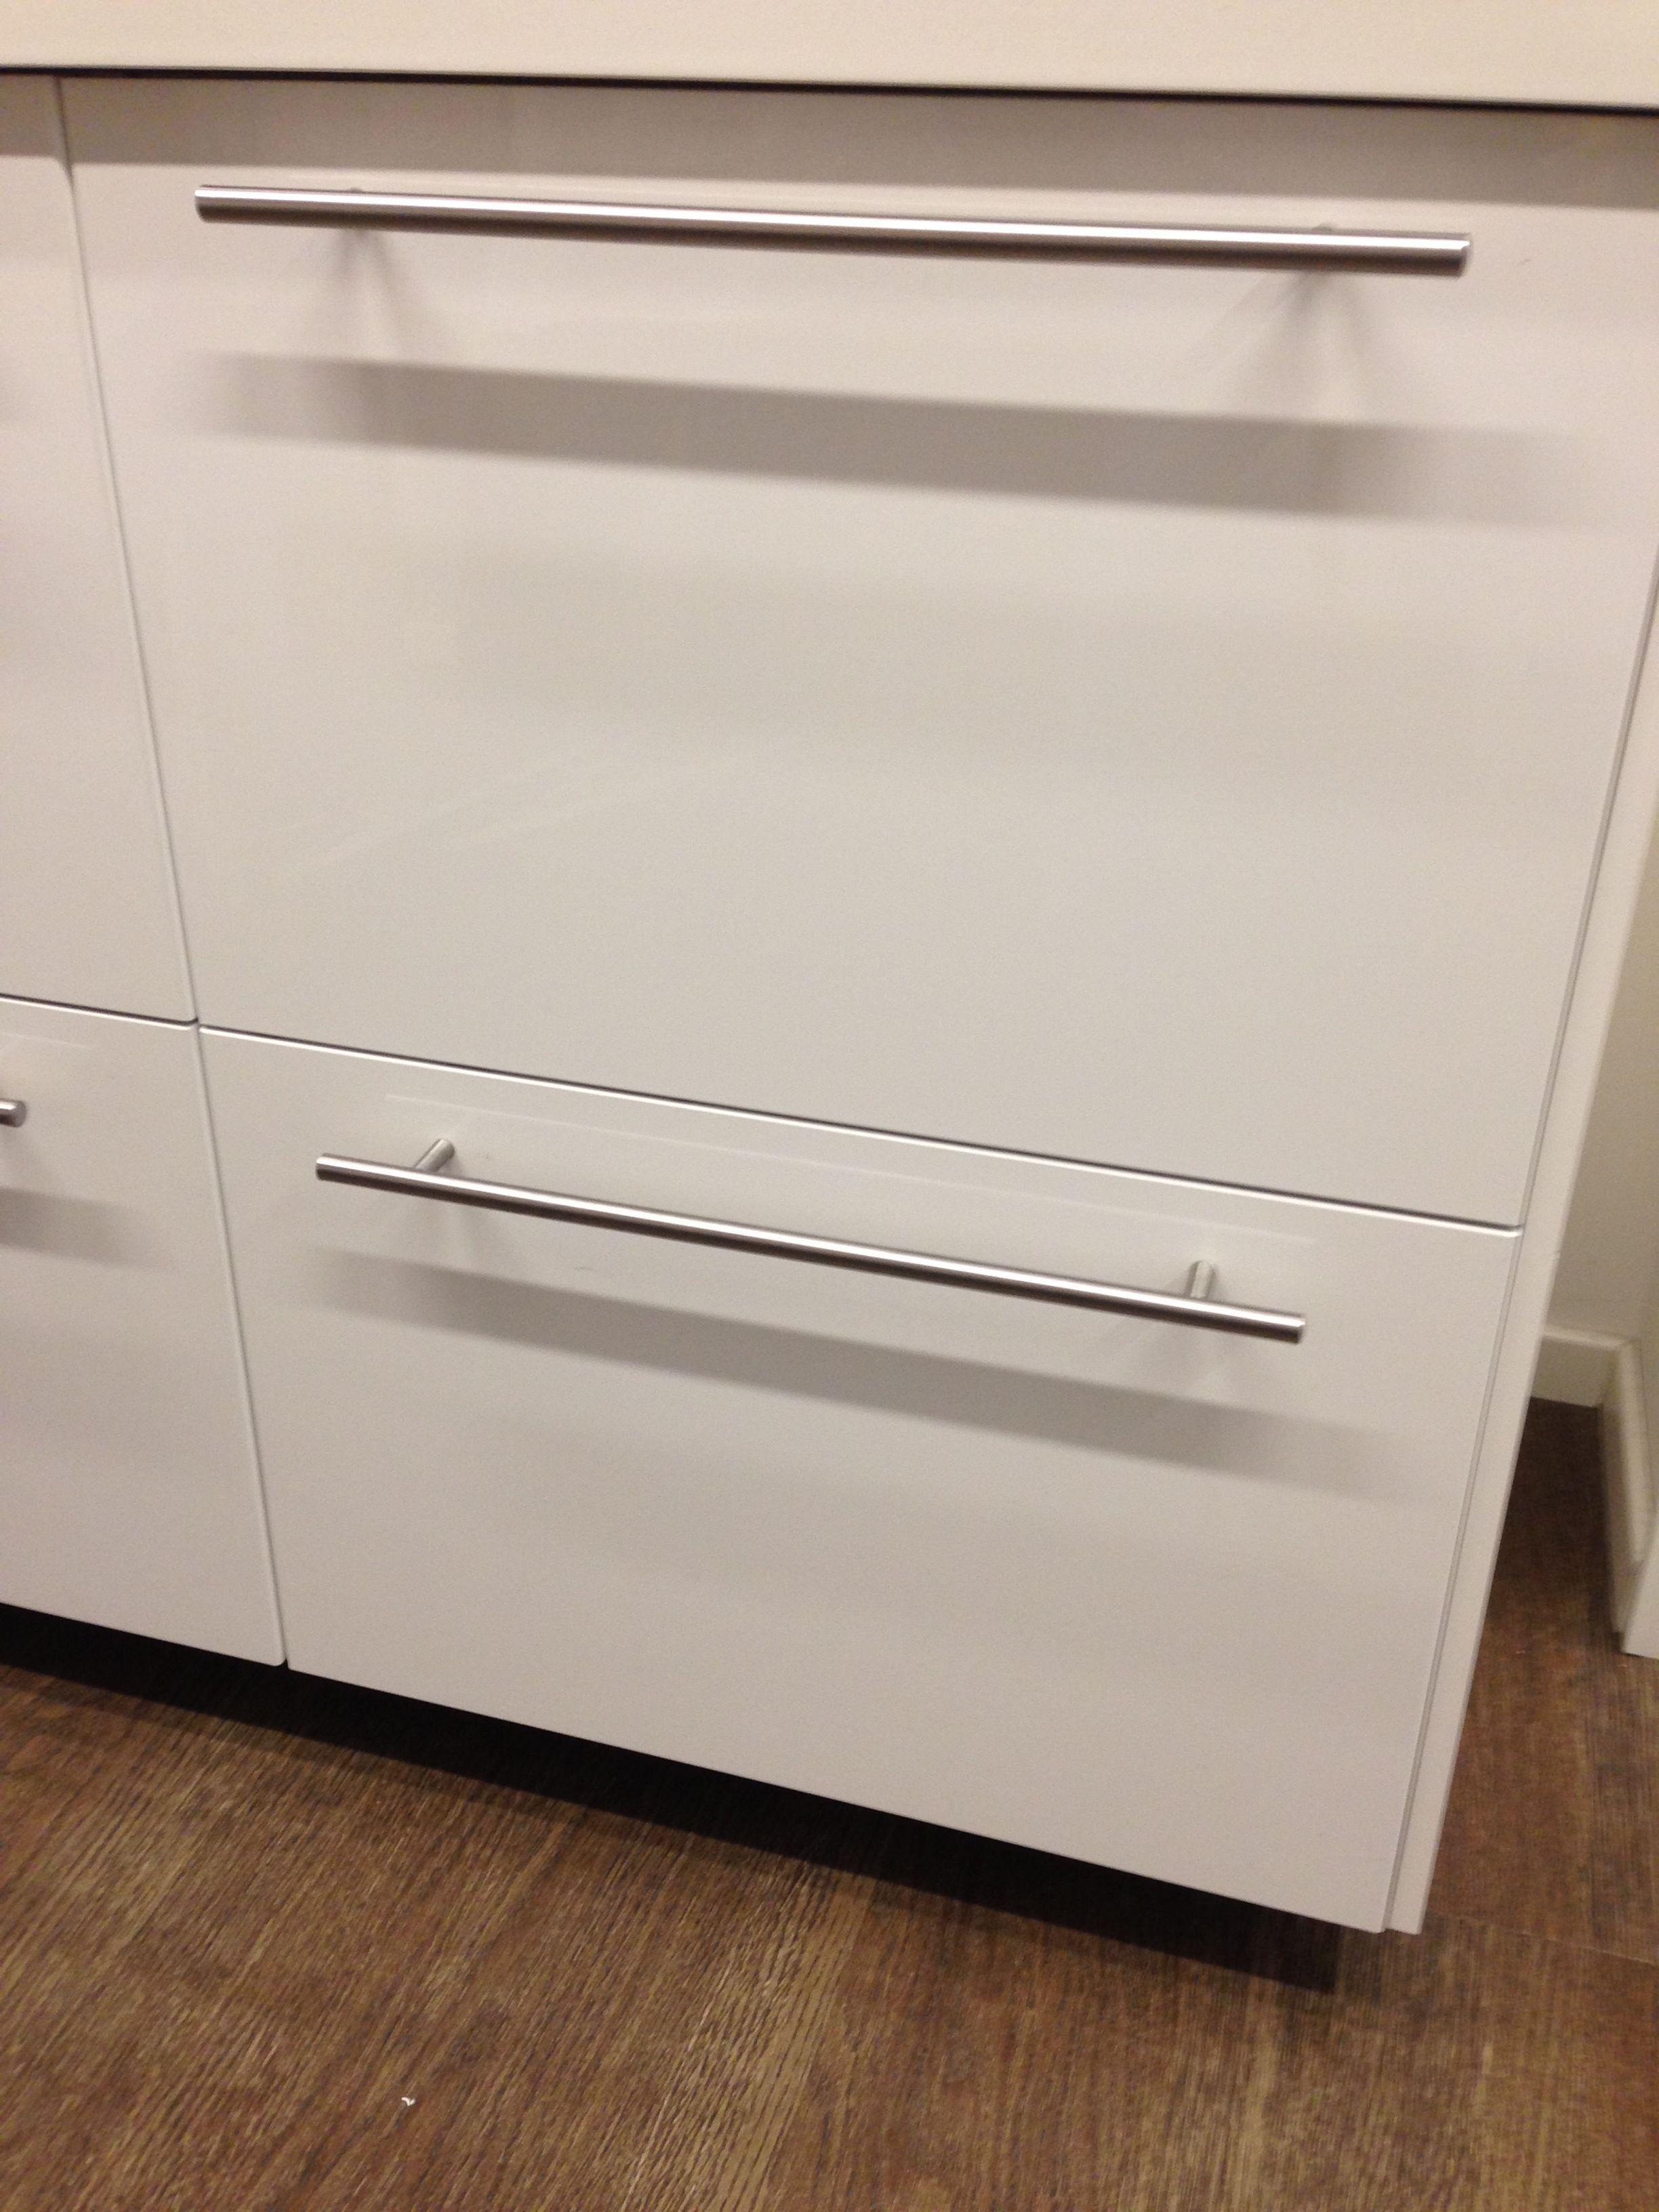 Ikea Küche Unterschrank Faktum   Wohnmobil Küche Ausbauen Ikea Küche ...